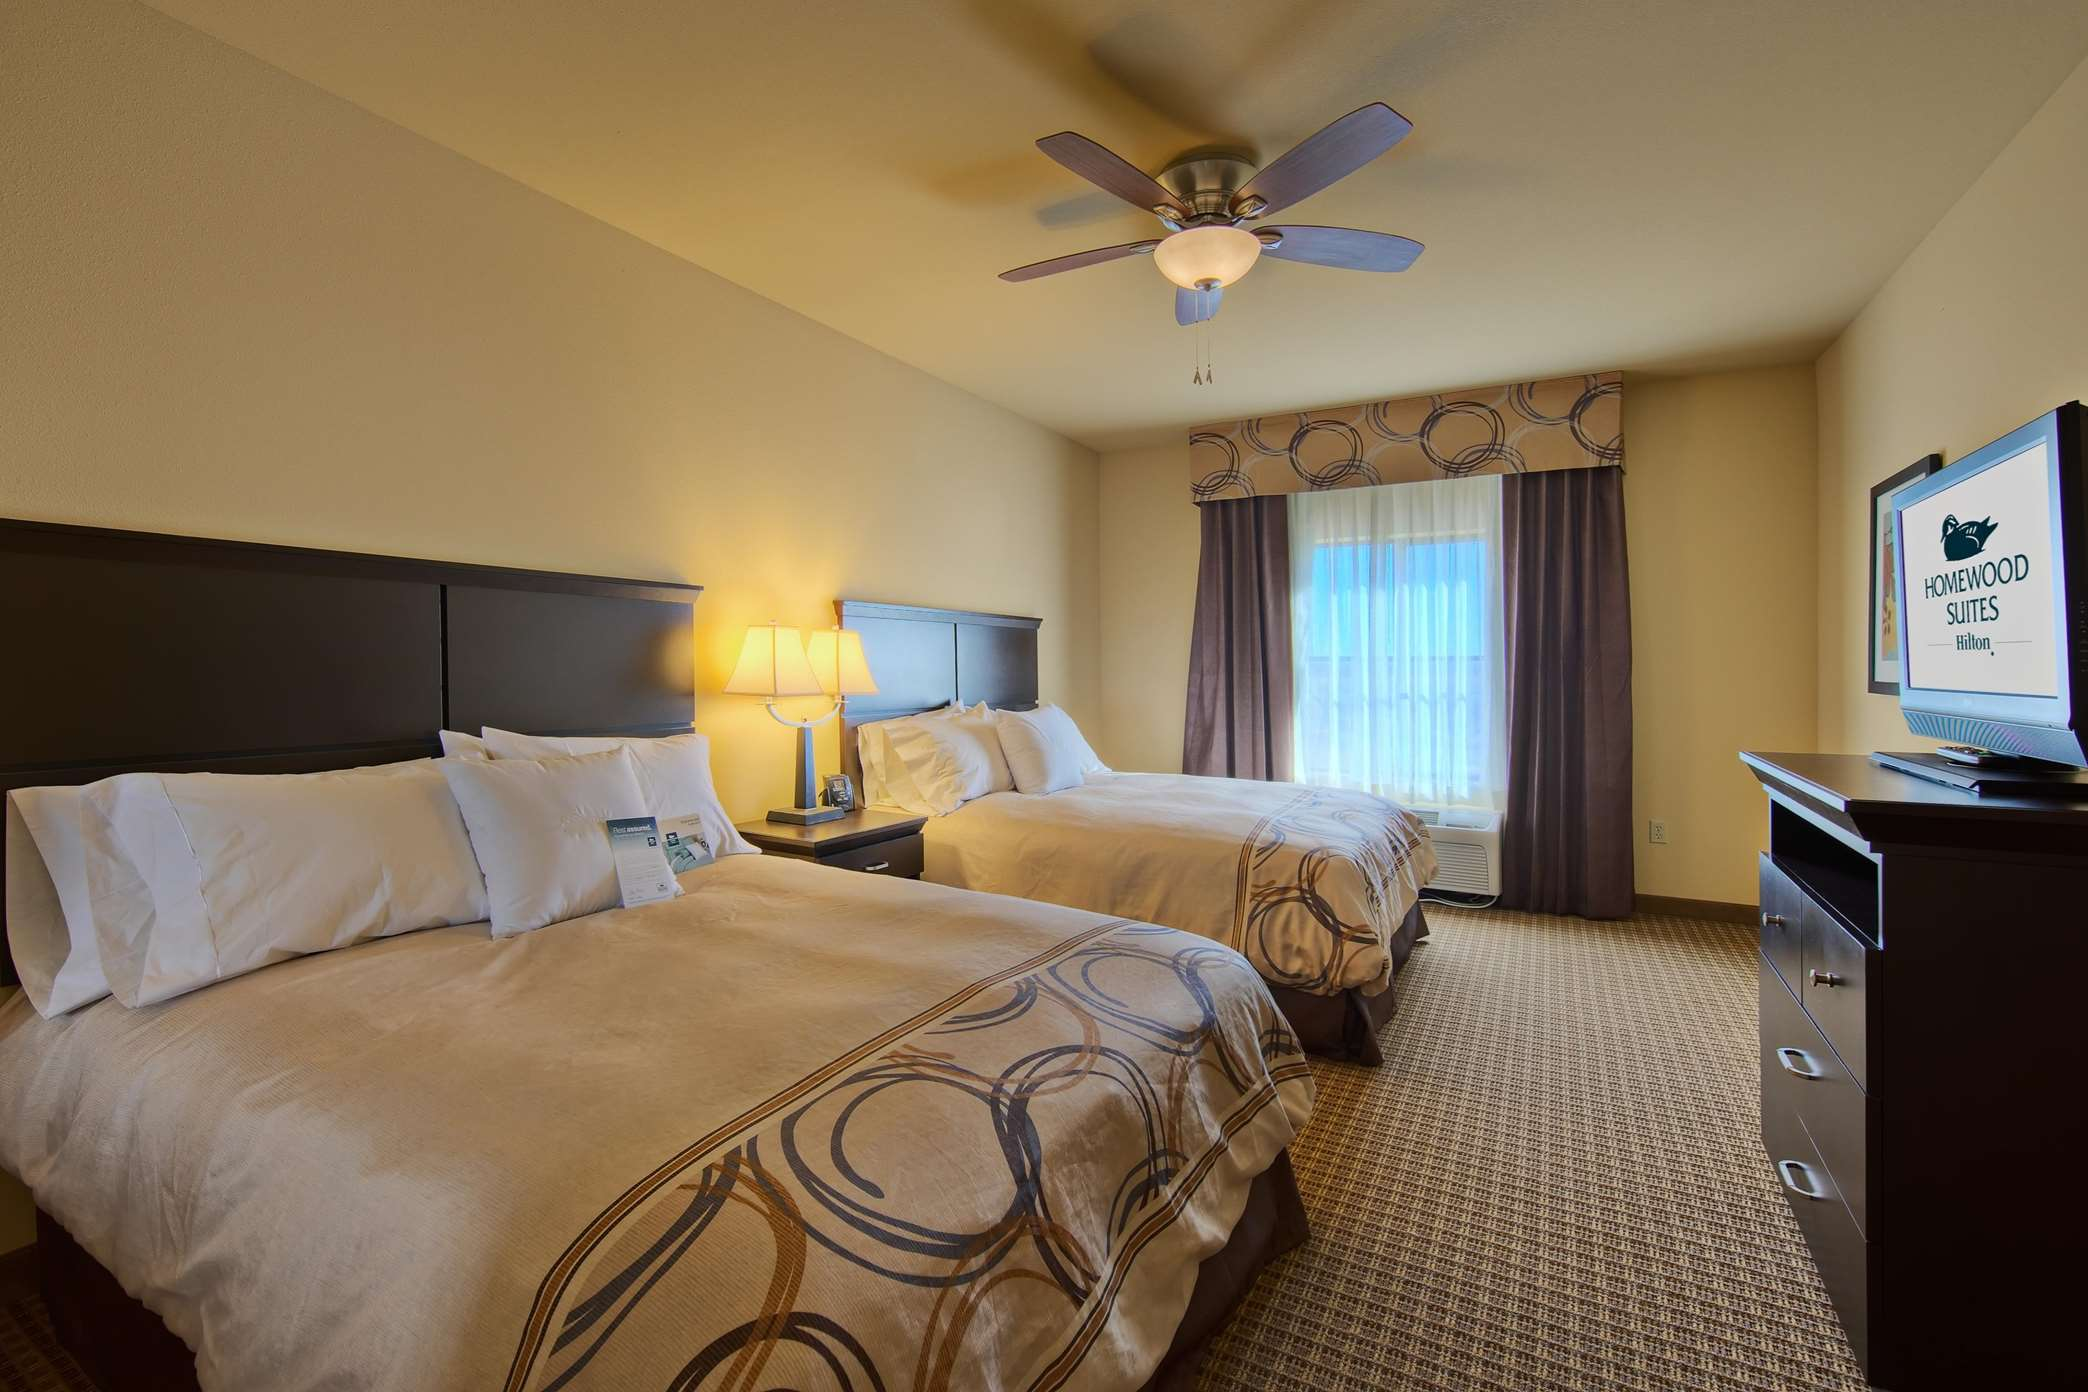 Homewood Suites by Hilton Lancaster